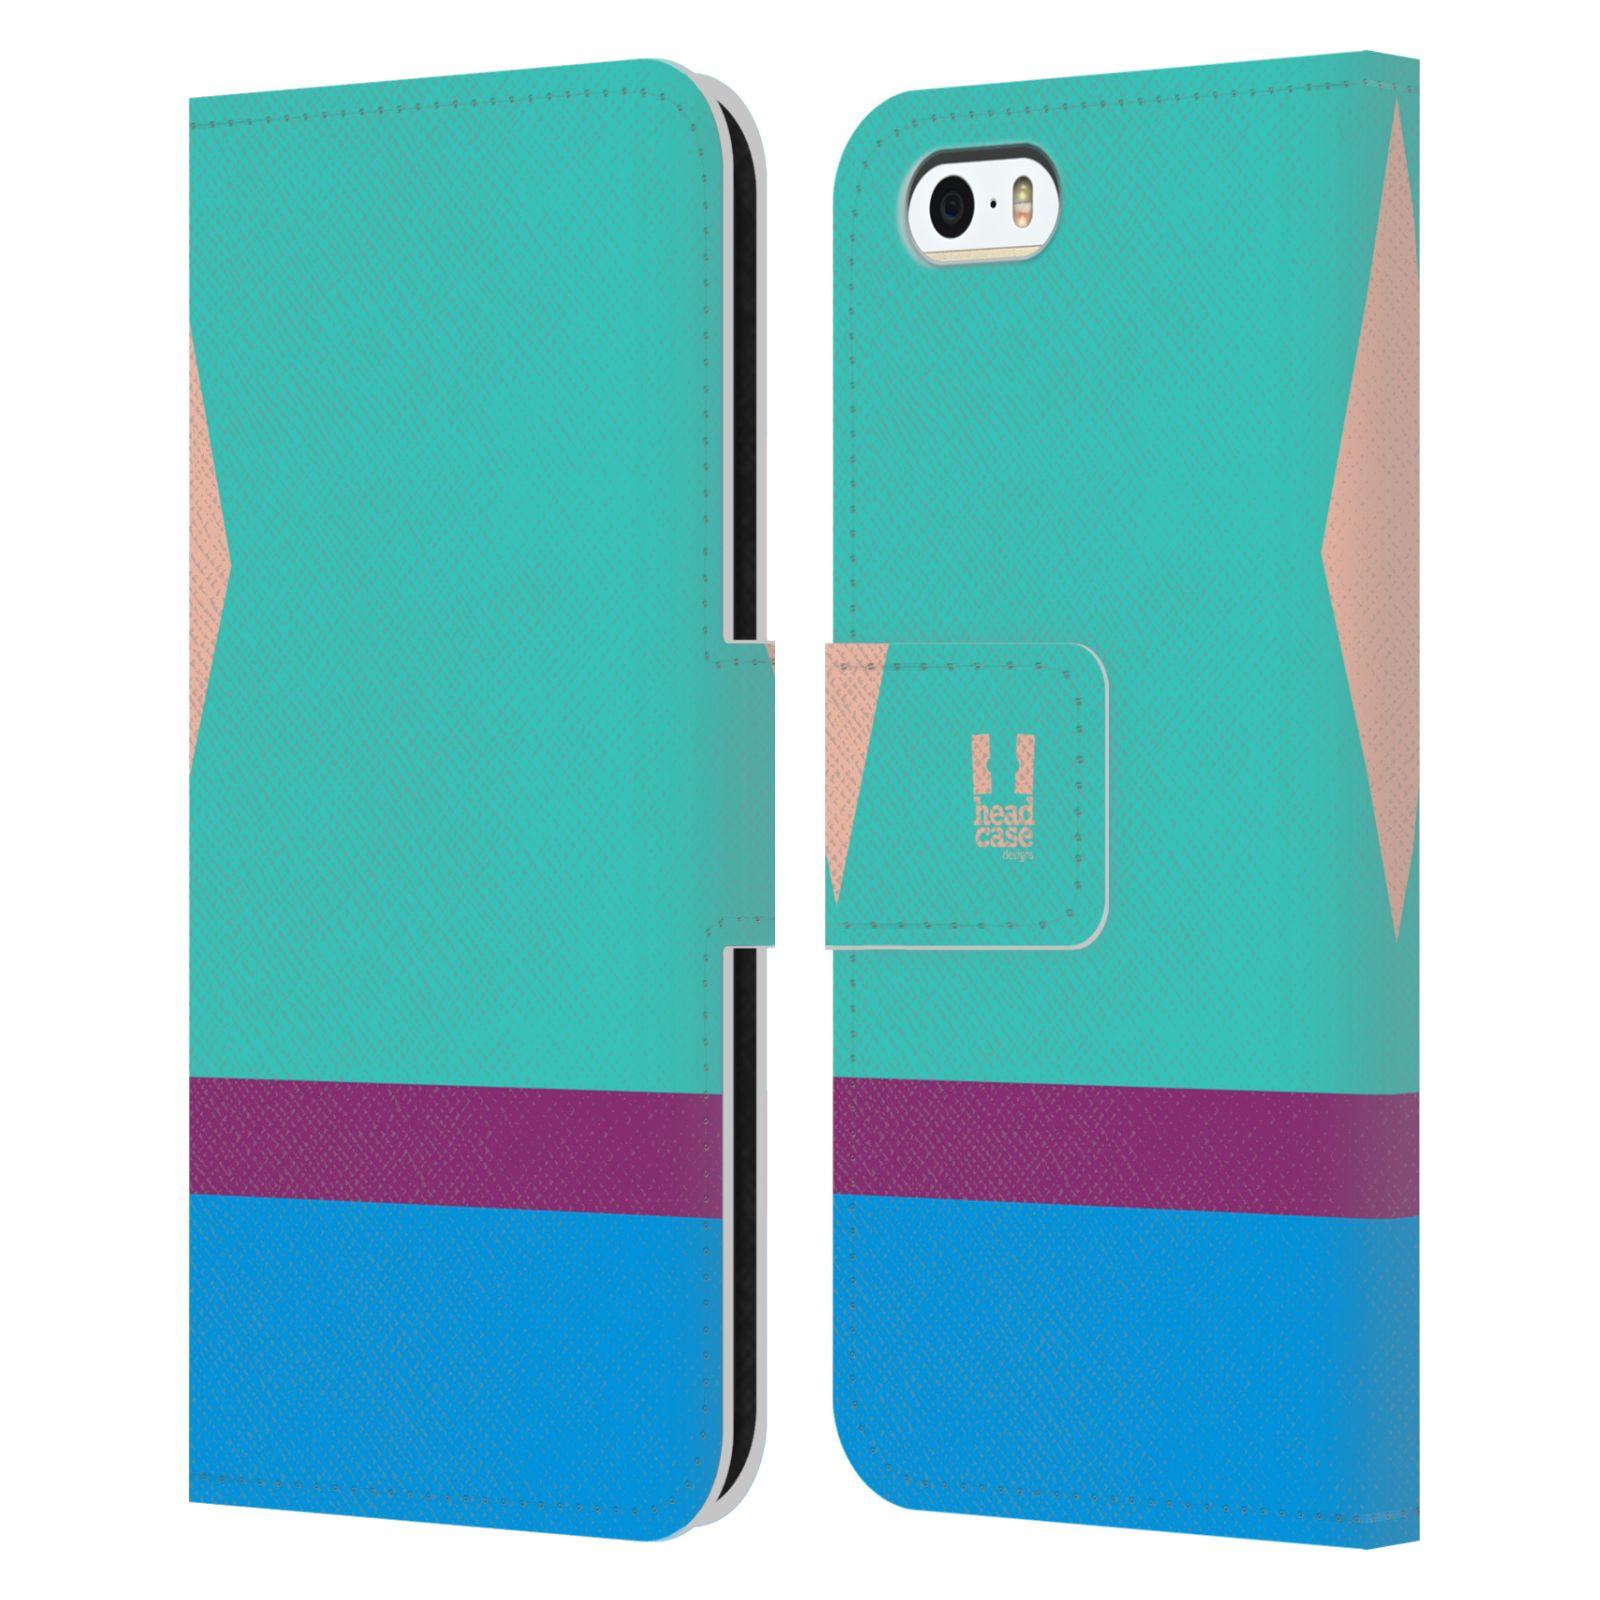 HEAD CASE Flipové pouzdro pro mobil Apple Iphone 5/5S barevné tvary modrá a fialový pruh